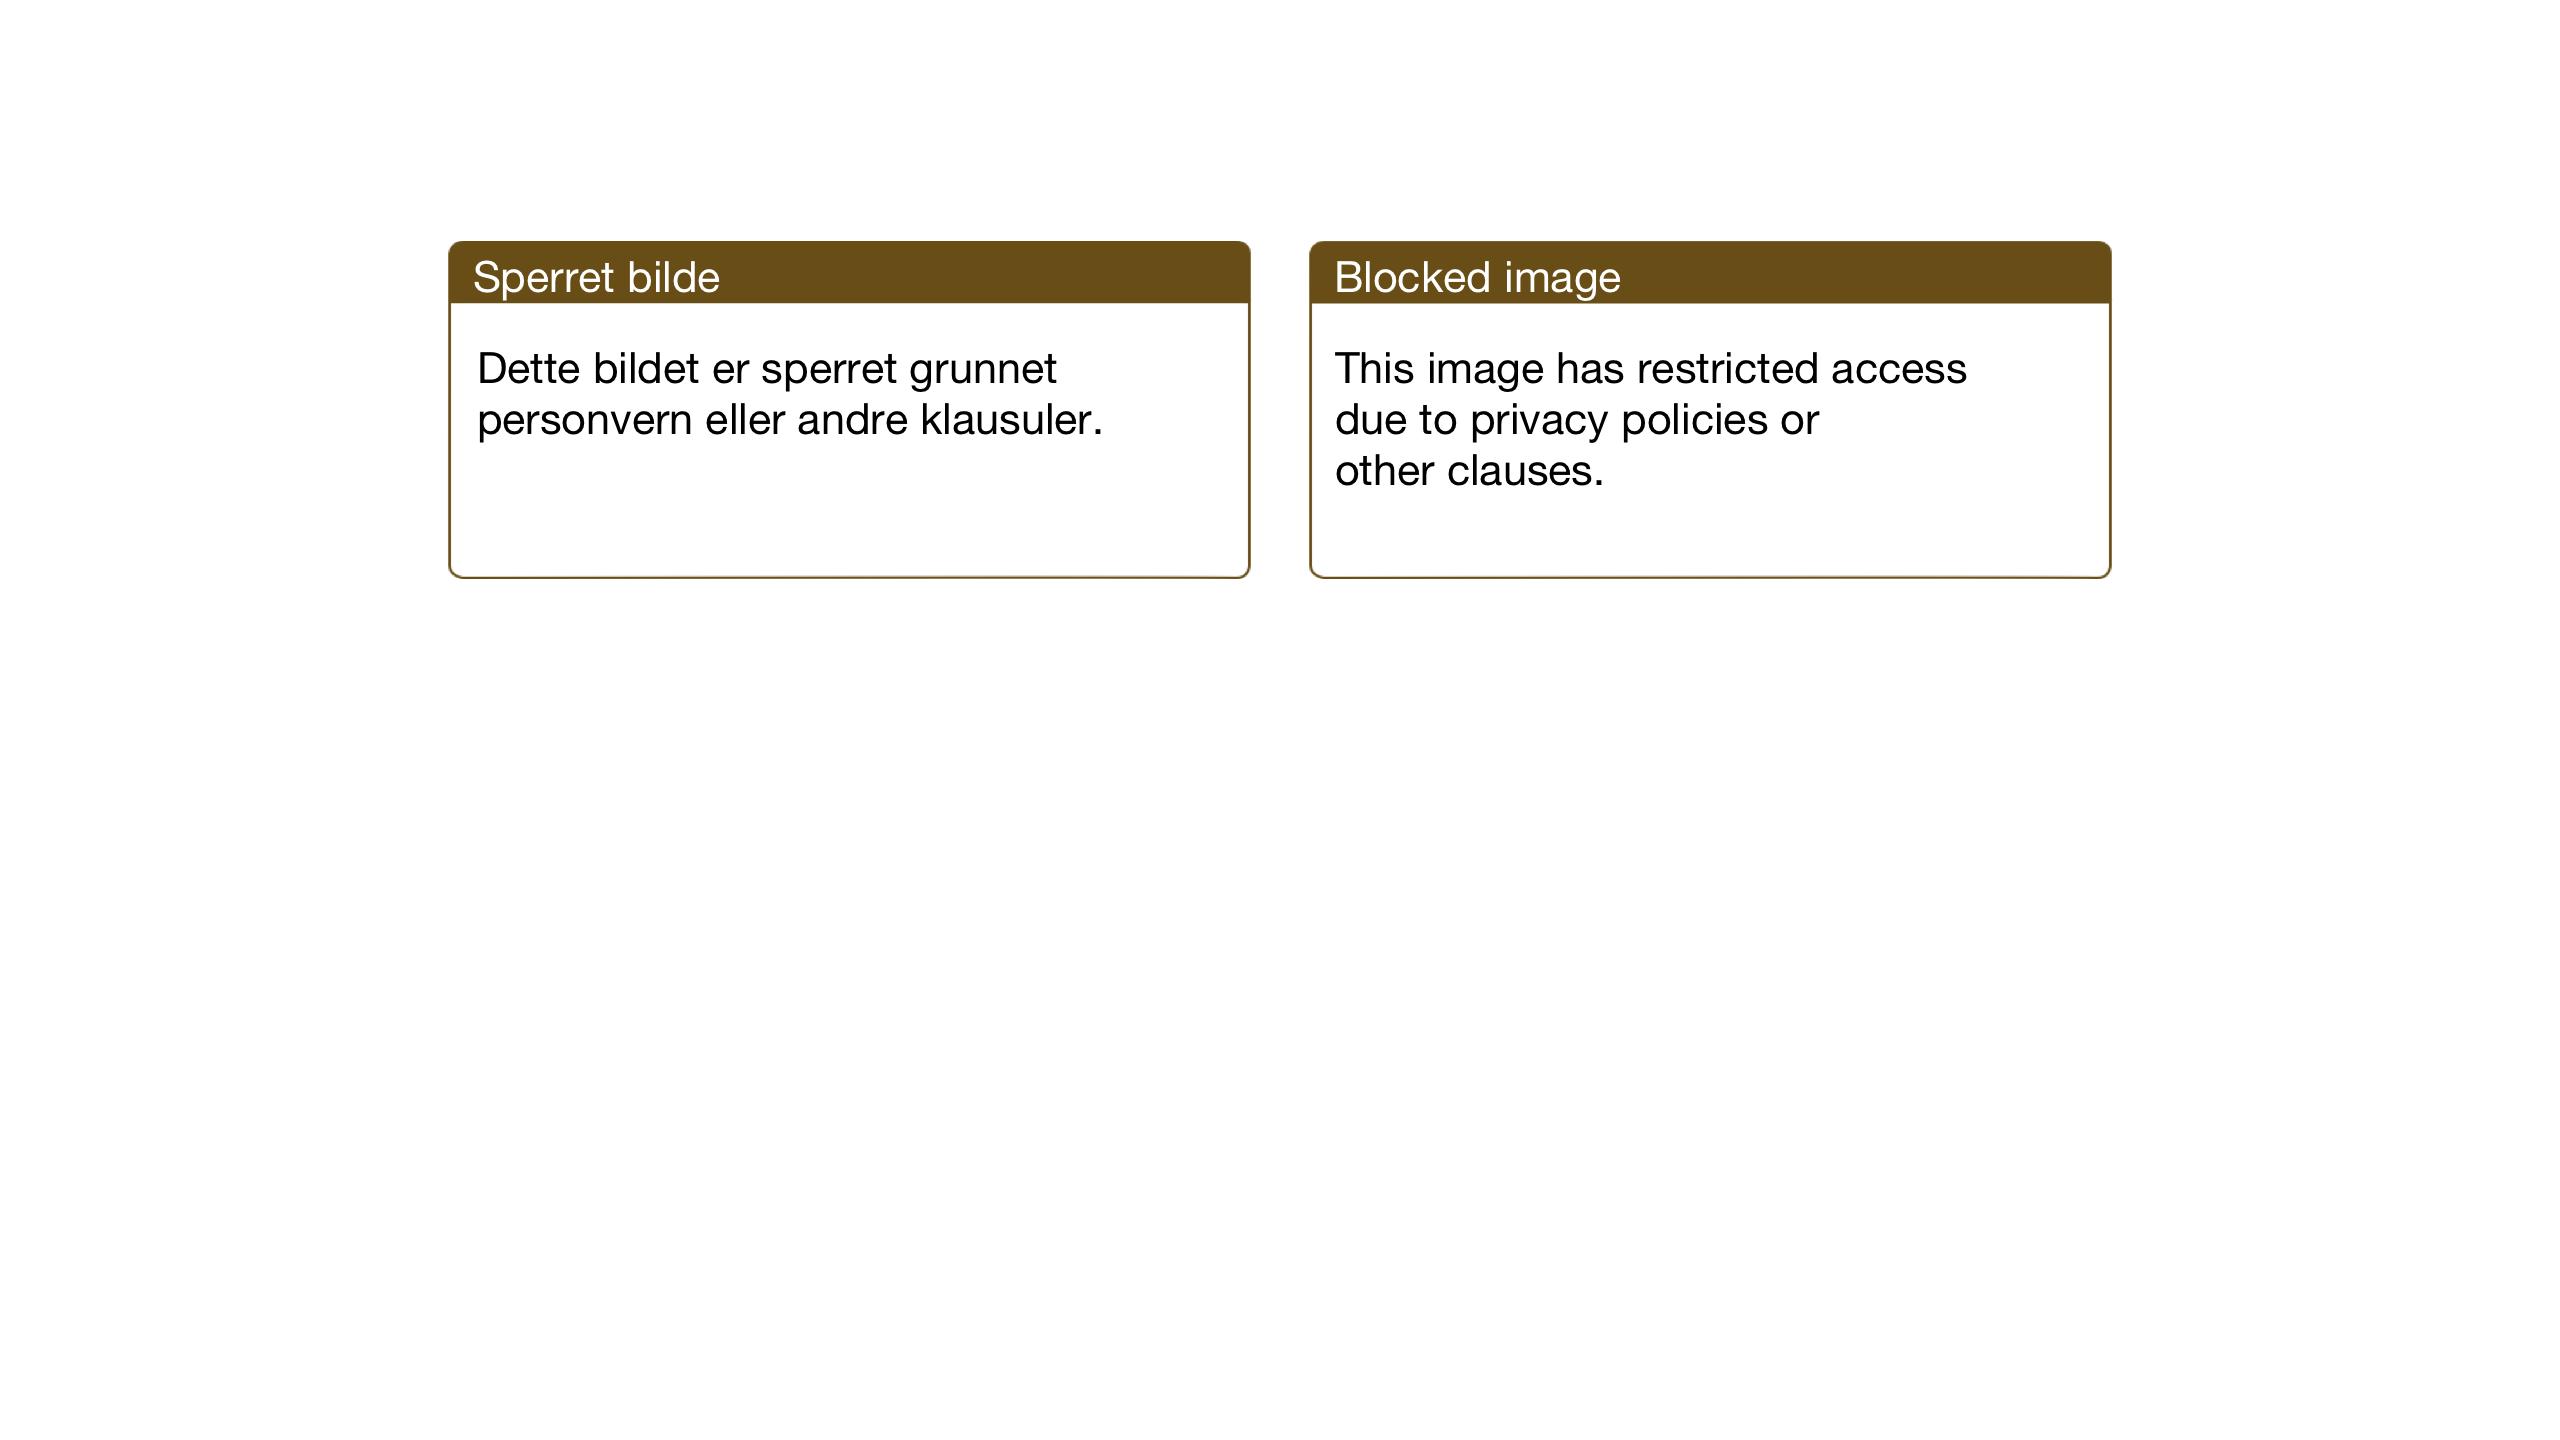 SAT, Ministerialprotokoller, klokkerbøker og fødselsregistre - Sør-Trøndelag, 662/L0758: Klokkerbok nr. 662C03, 1918-1948, s. 49